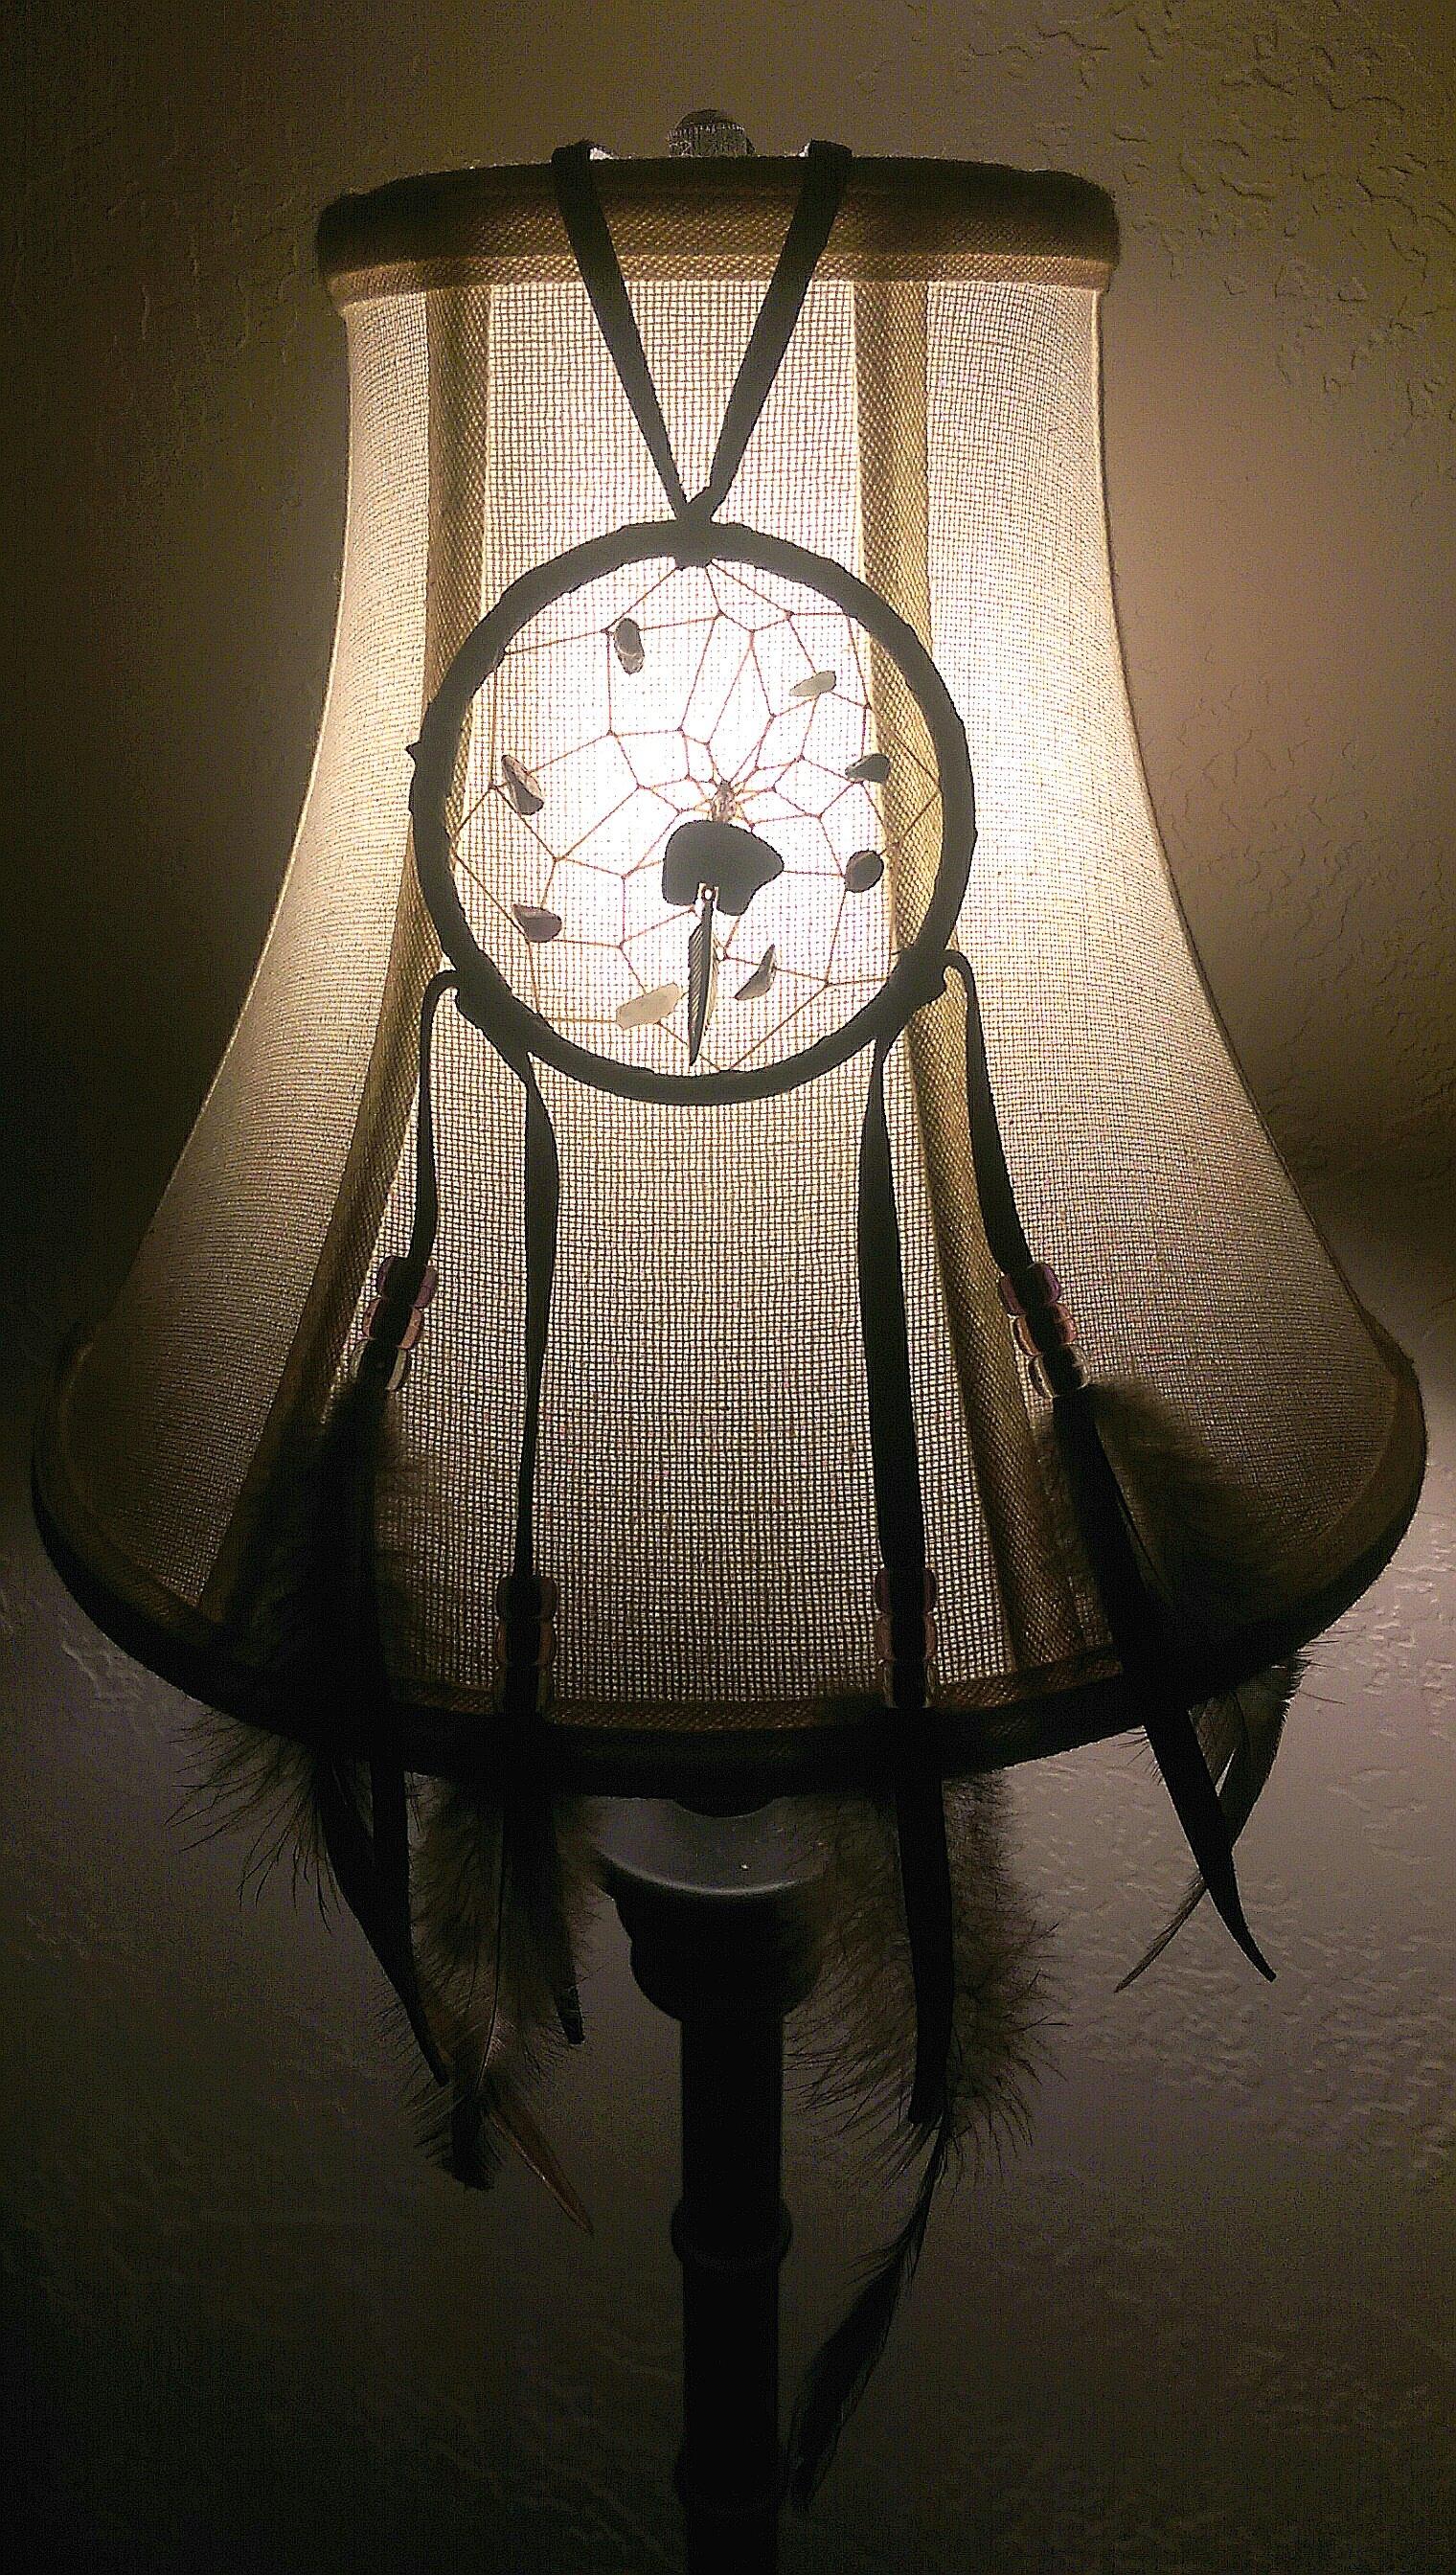 Gratis Afbeeldingen : licht, venster, glas, lantaarn, duisternis ...